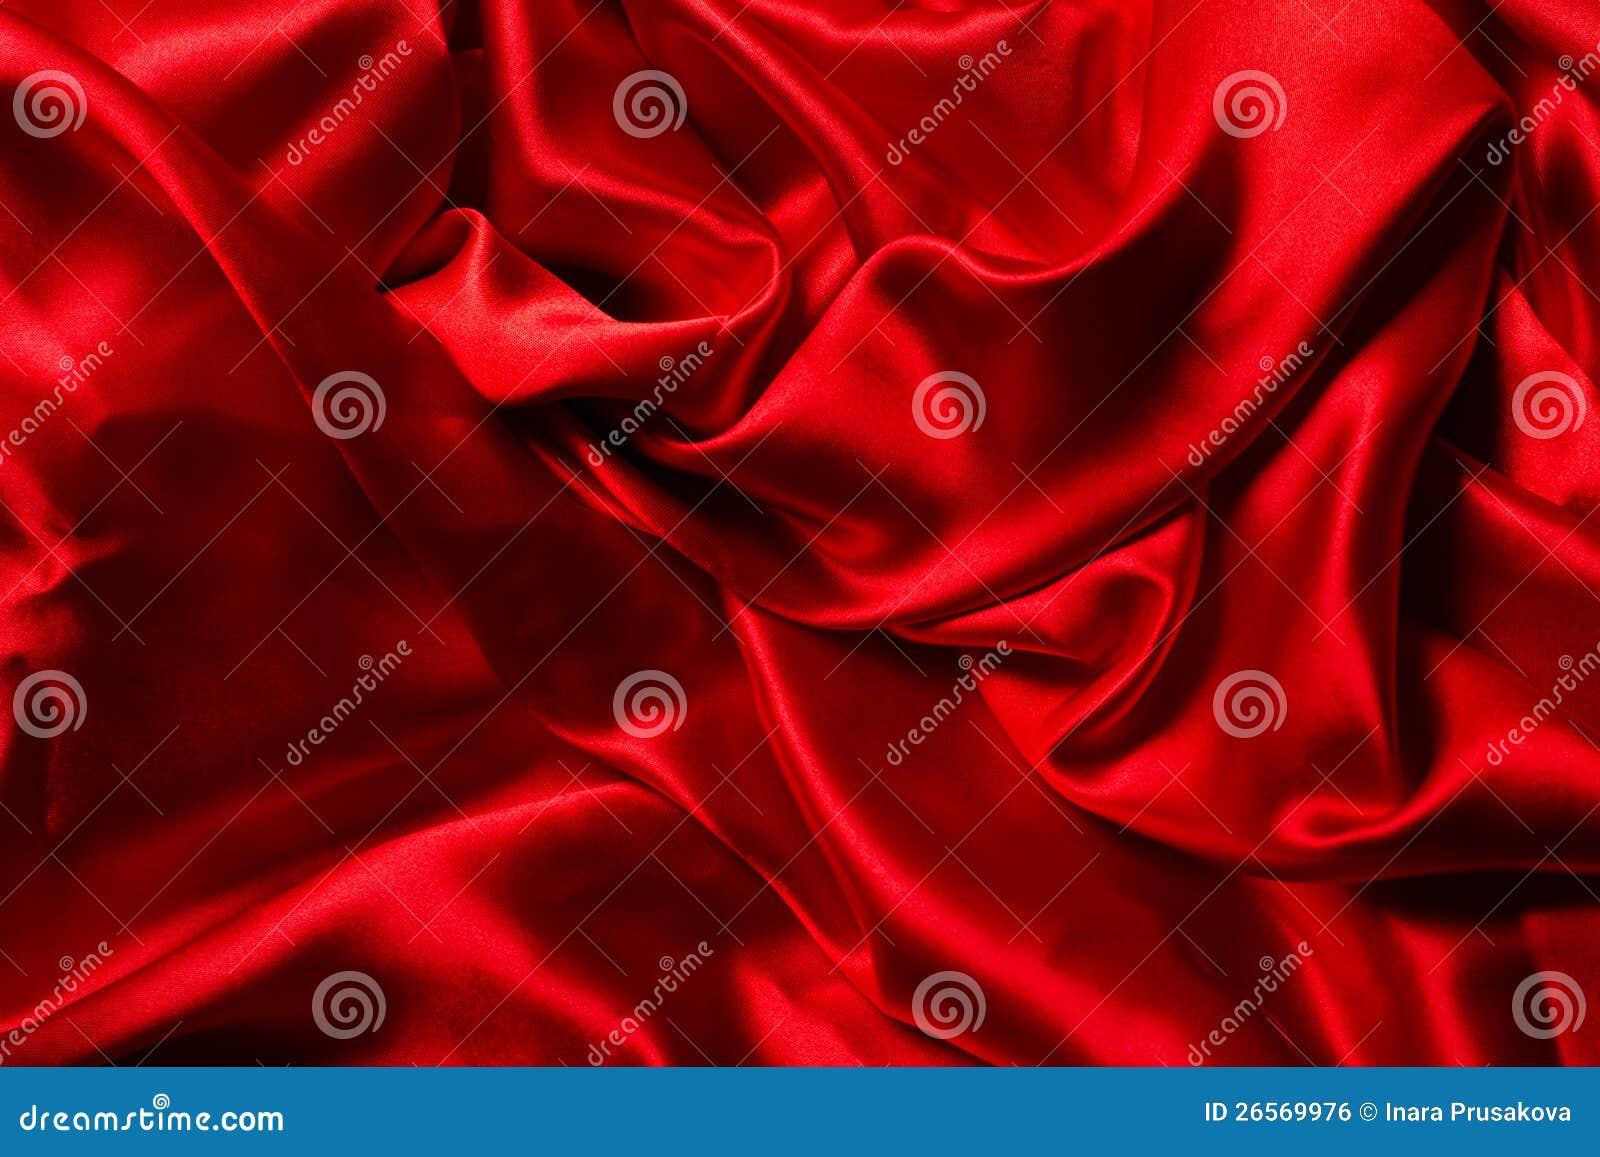 Κόκκινη ανασκόπηση μεταξιού. Πολλές πτυχές